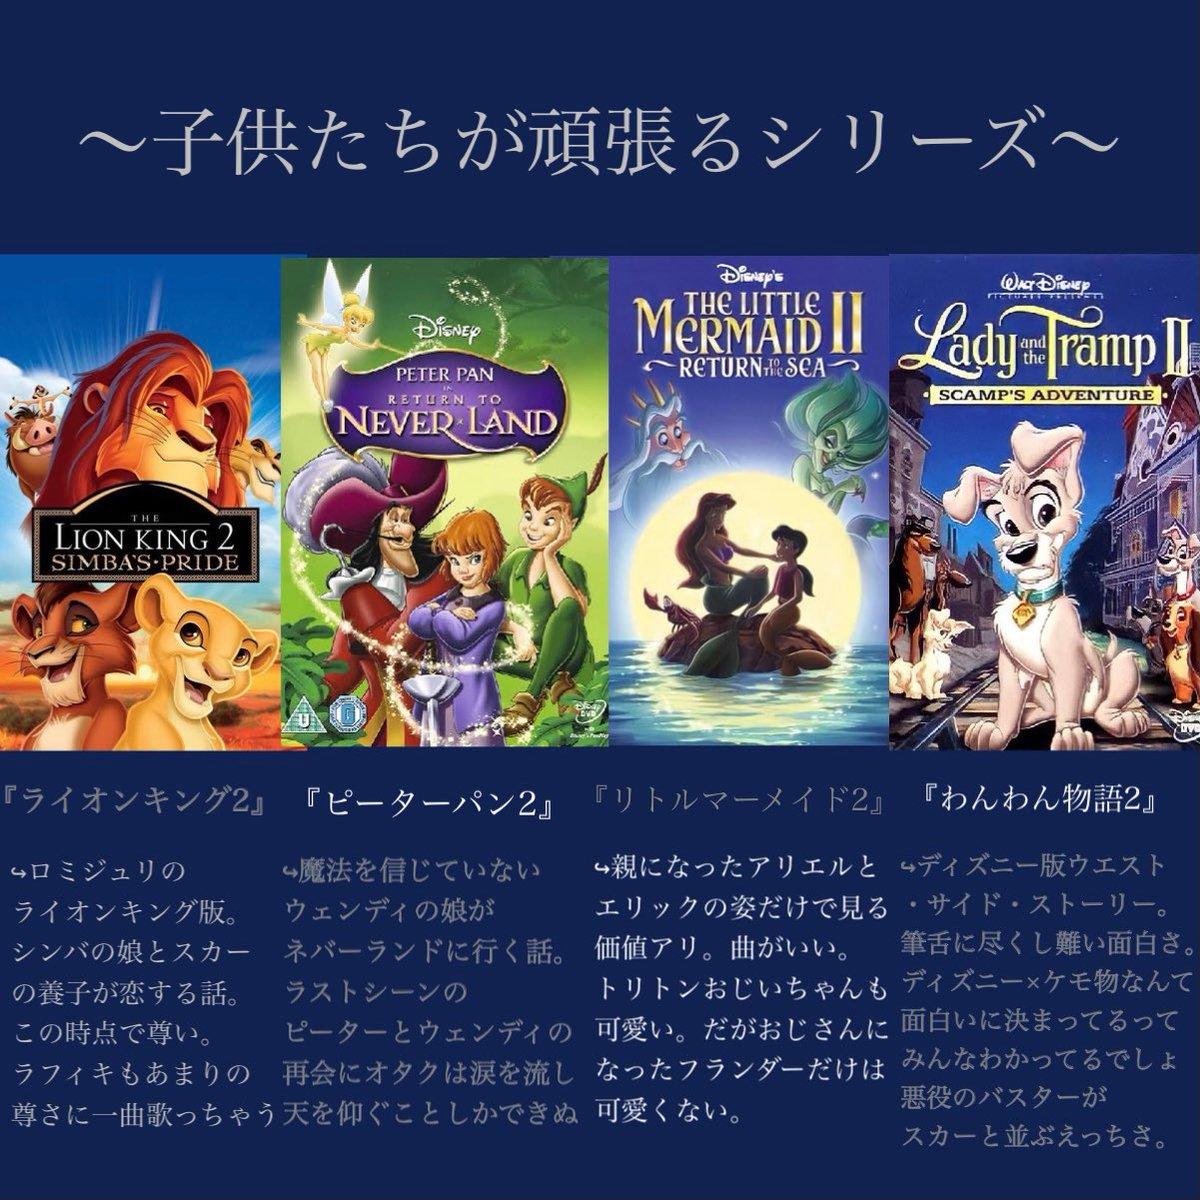 マシュマロで「ディズニー続編の布教をして欲しい」と頂いてたやつぽちぼち作ったから誰か見てください    みなさんはディズニー続編、何が好きですか